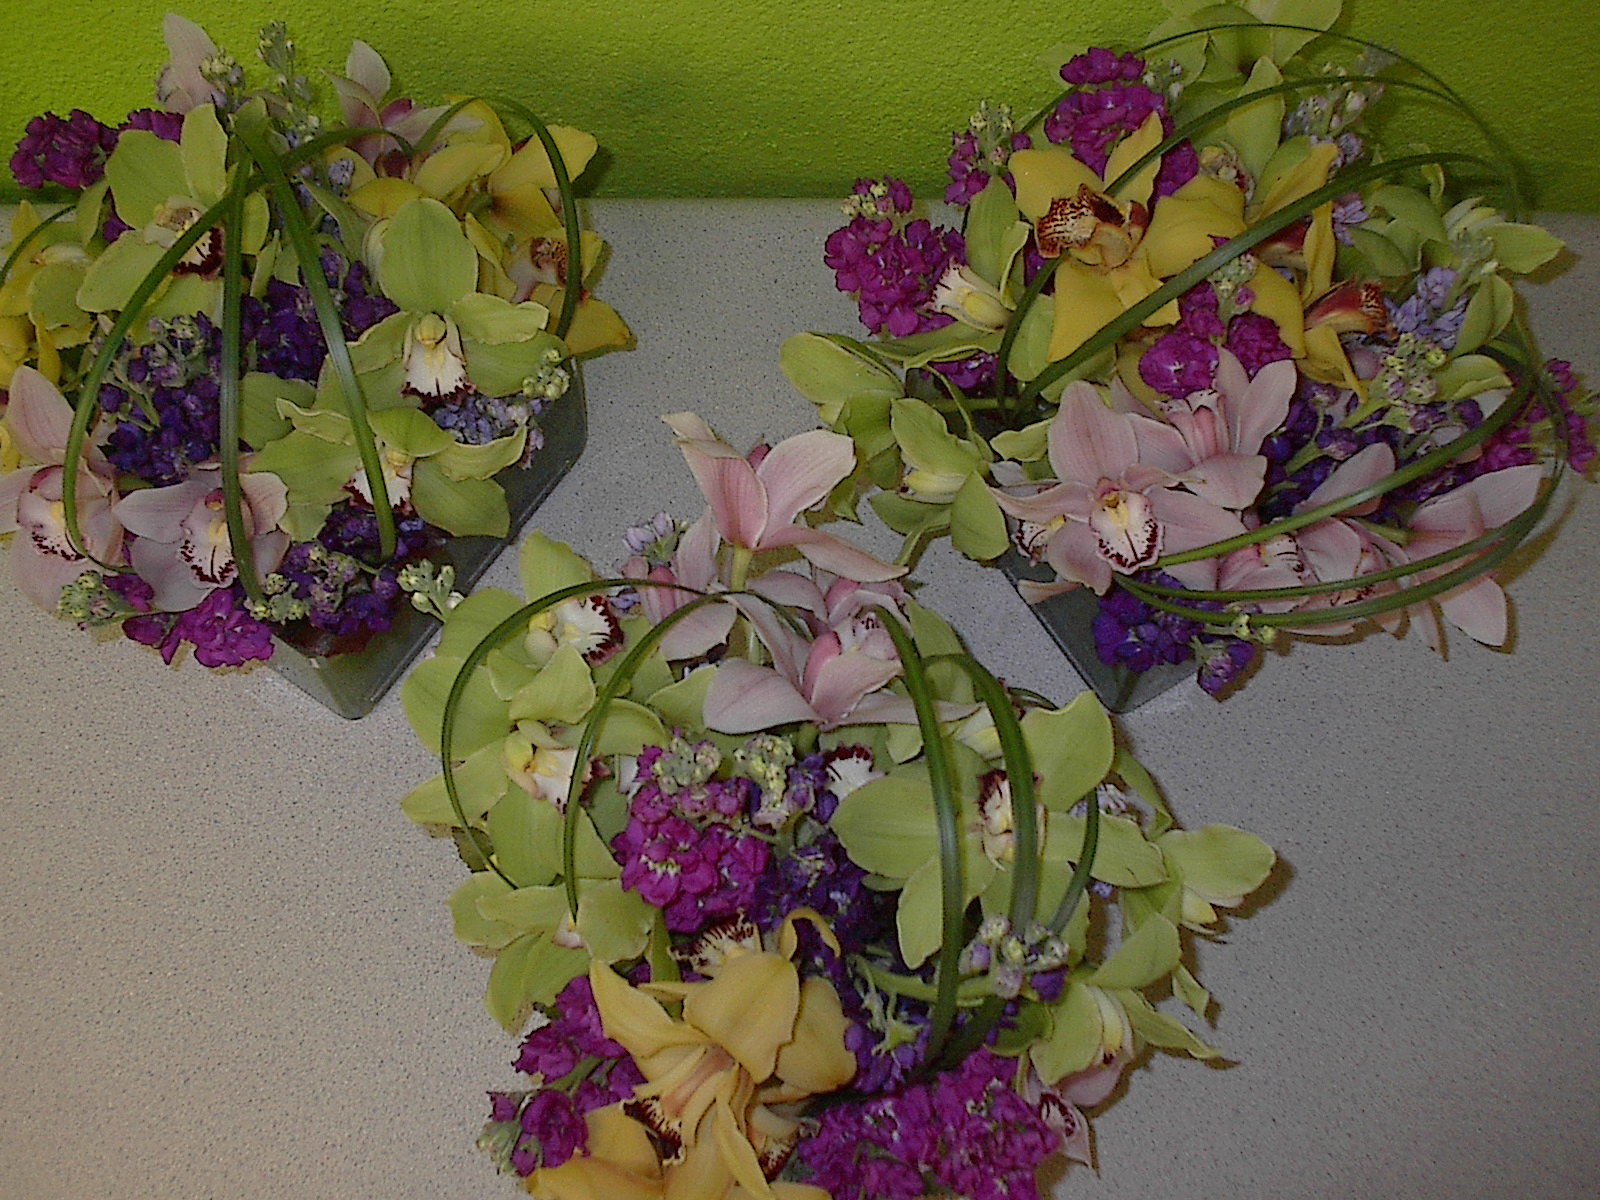 Las Vegas Flowers Premier Event Florists